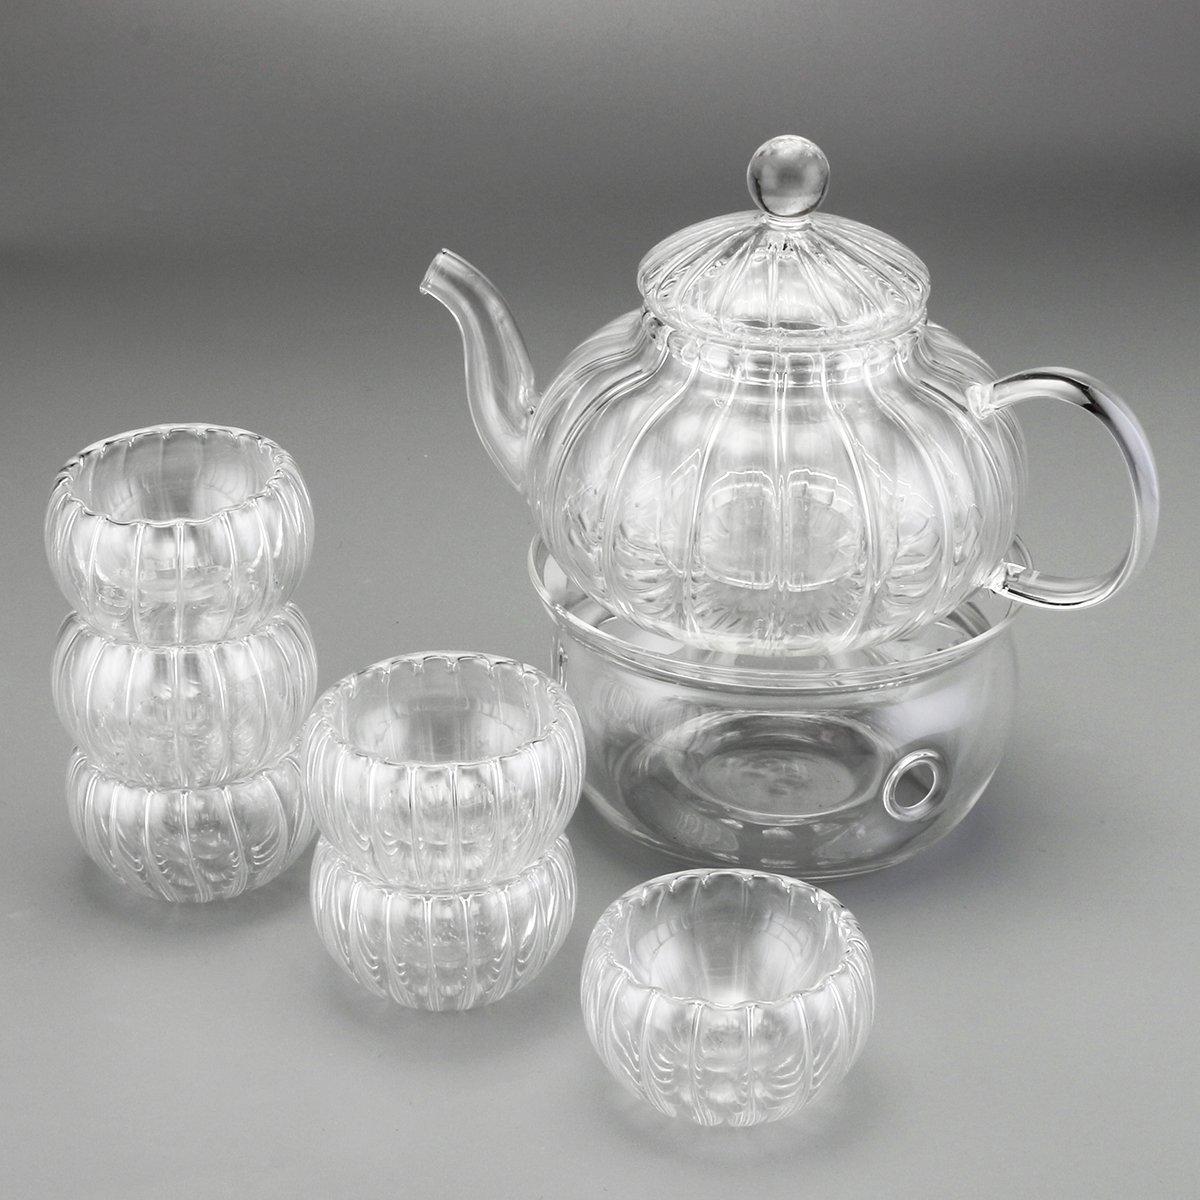 LYEJM 600ml 6 Cups Tealight Warmer Clear Pumpkin Tea Glass Pot Set Infuser Coffee Pot LYEJM